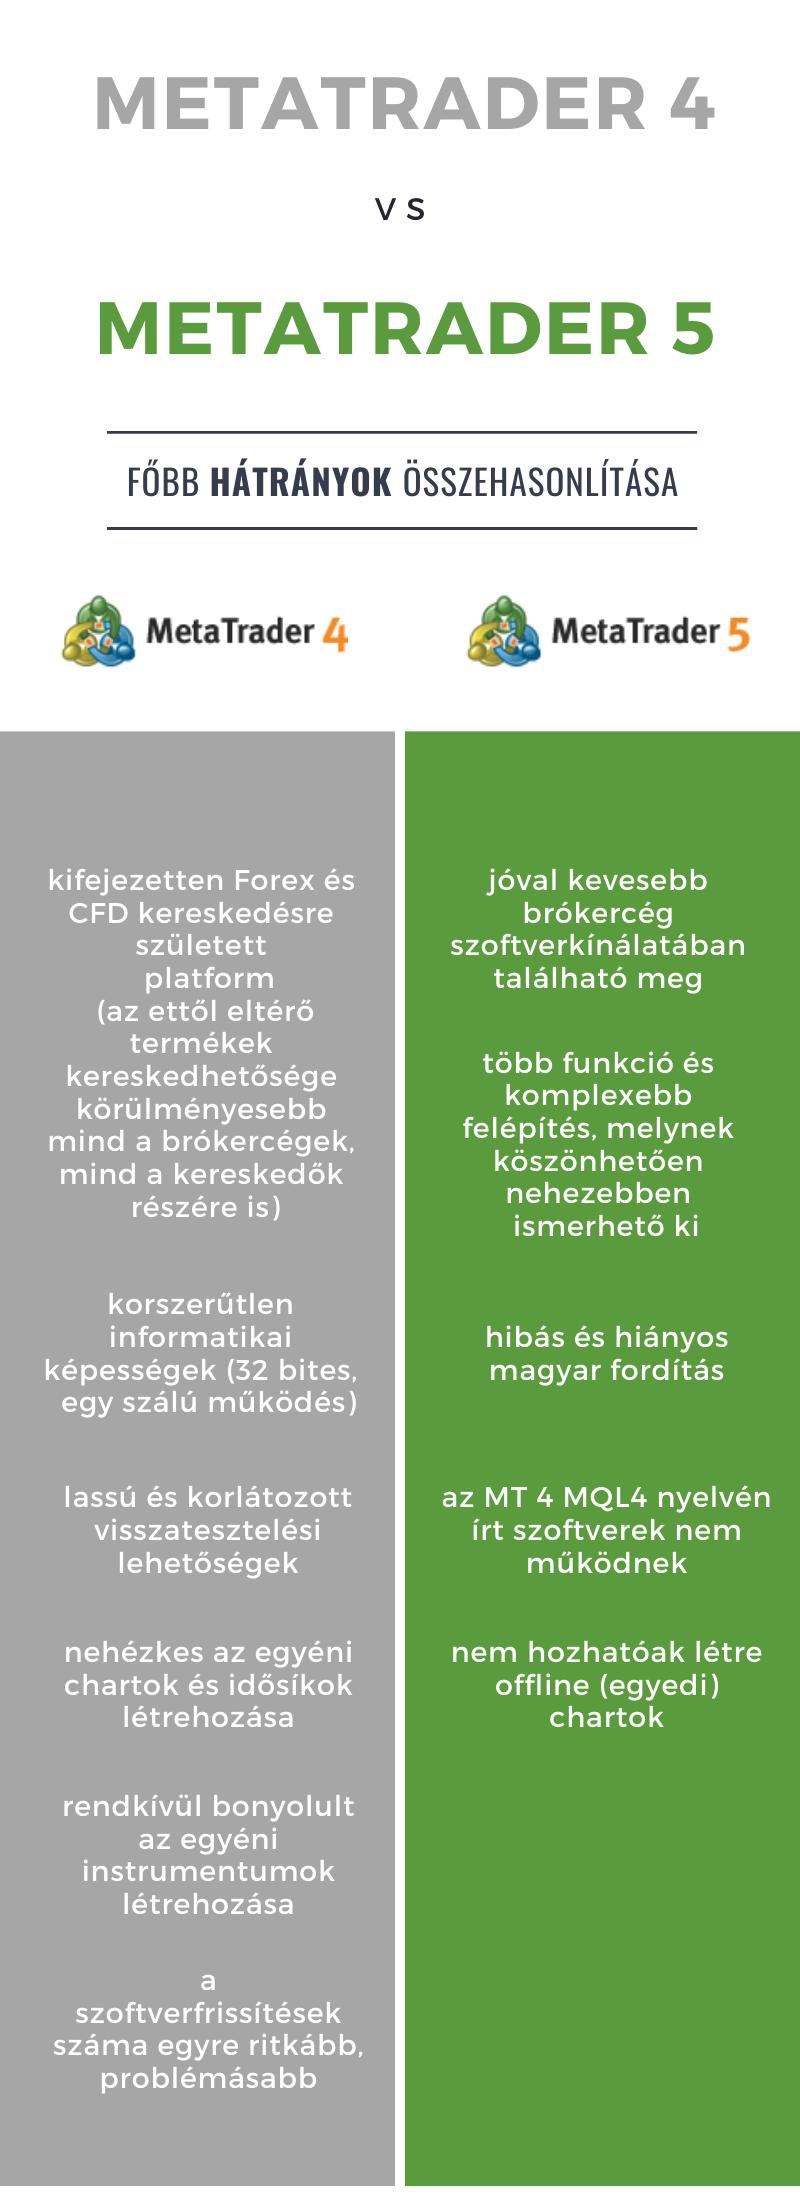 kereskedési platformok megjelenítése